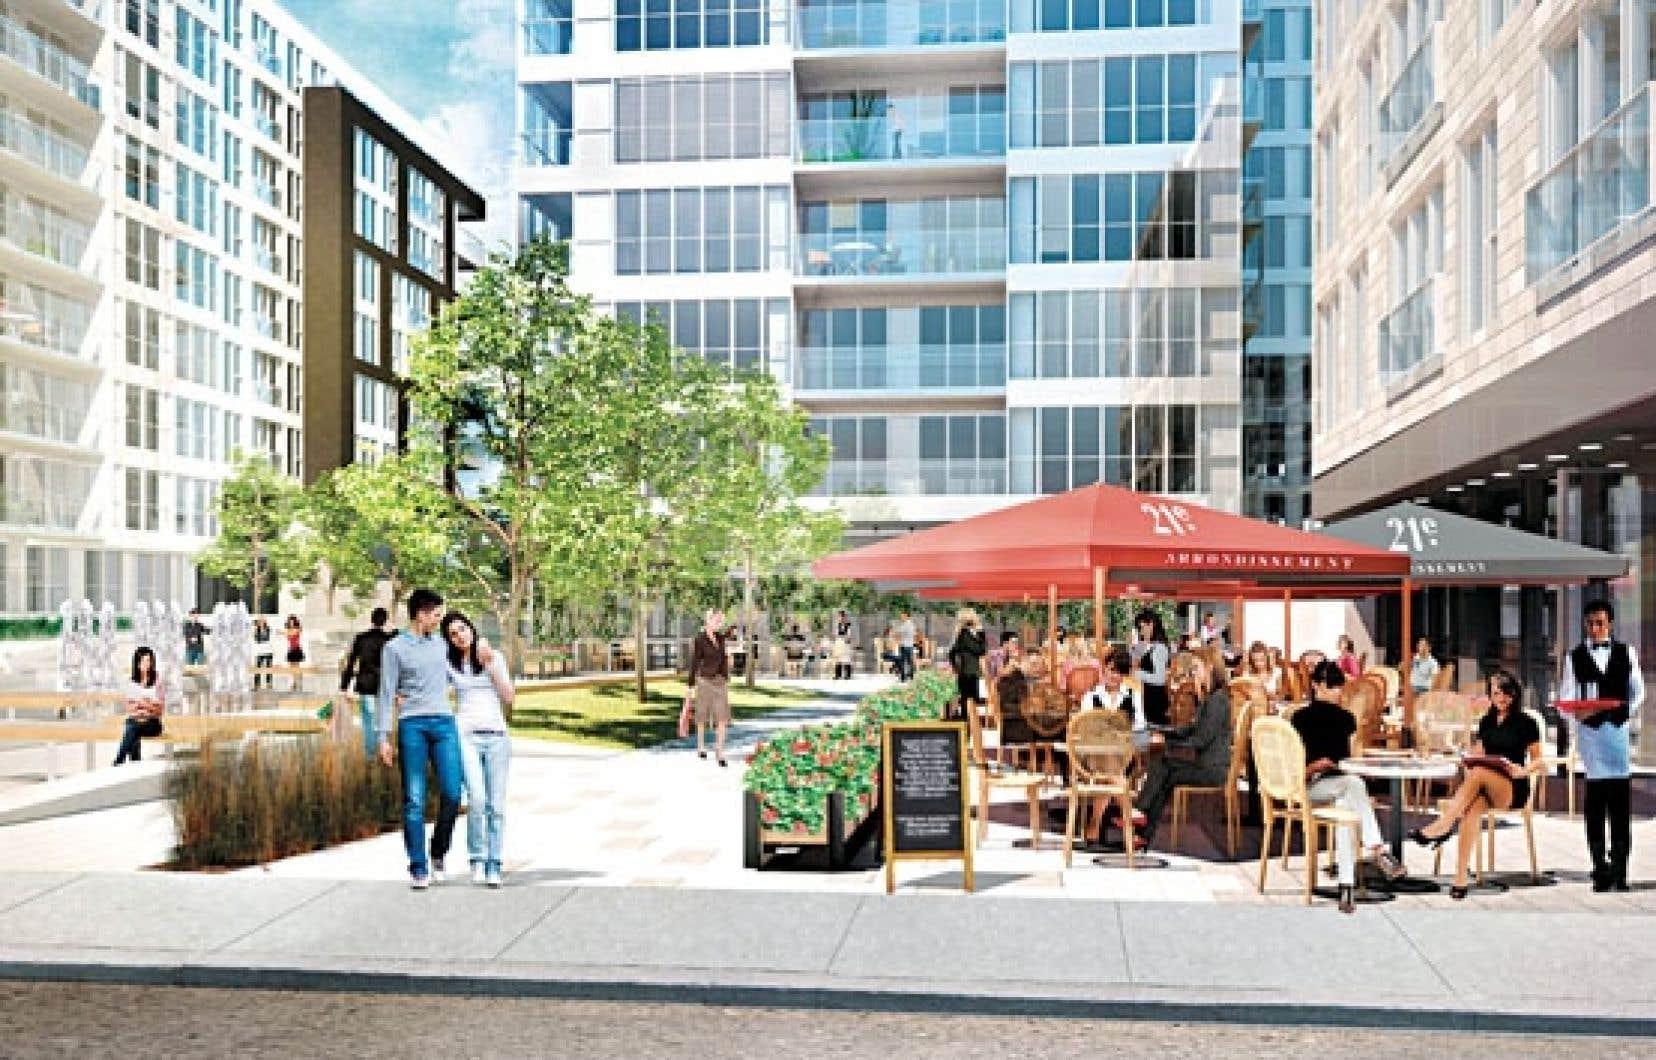 Le prochain projet qui verra le jour est le 21e Arrondissement, un projet de condos situé dans le Vieux-Montréal qui se distinguera surtout par l'aménagement d'un square central, où on trouvera des services de proximité au rez-de-chaussée.